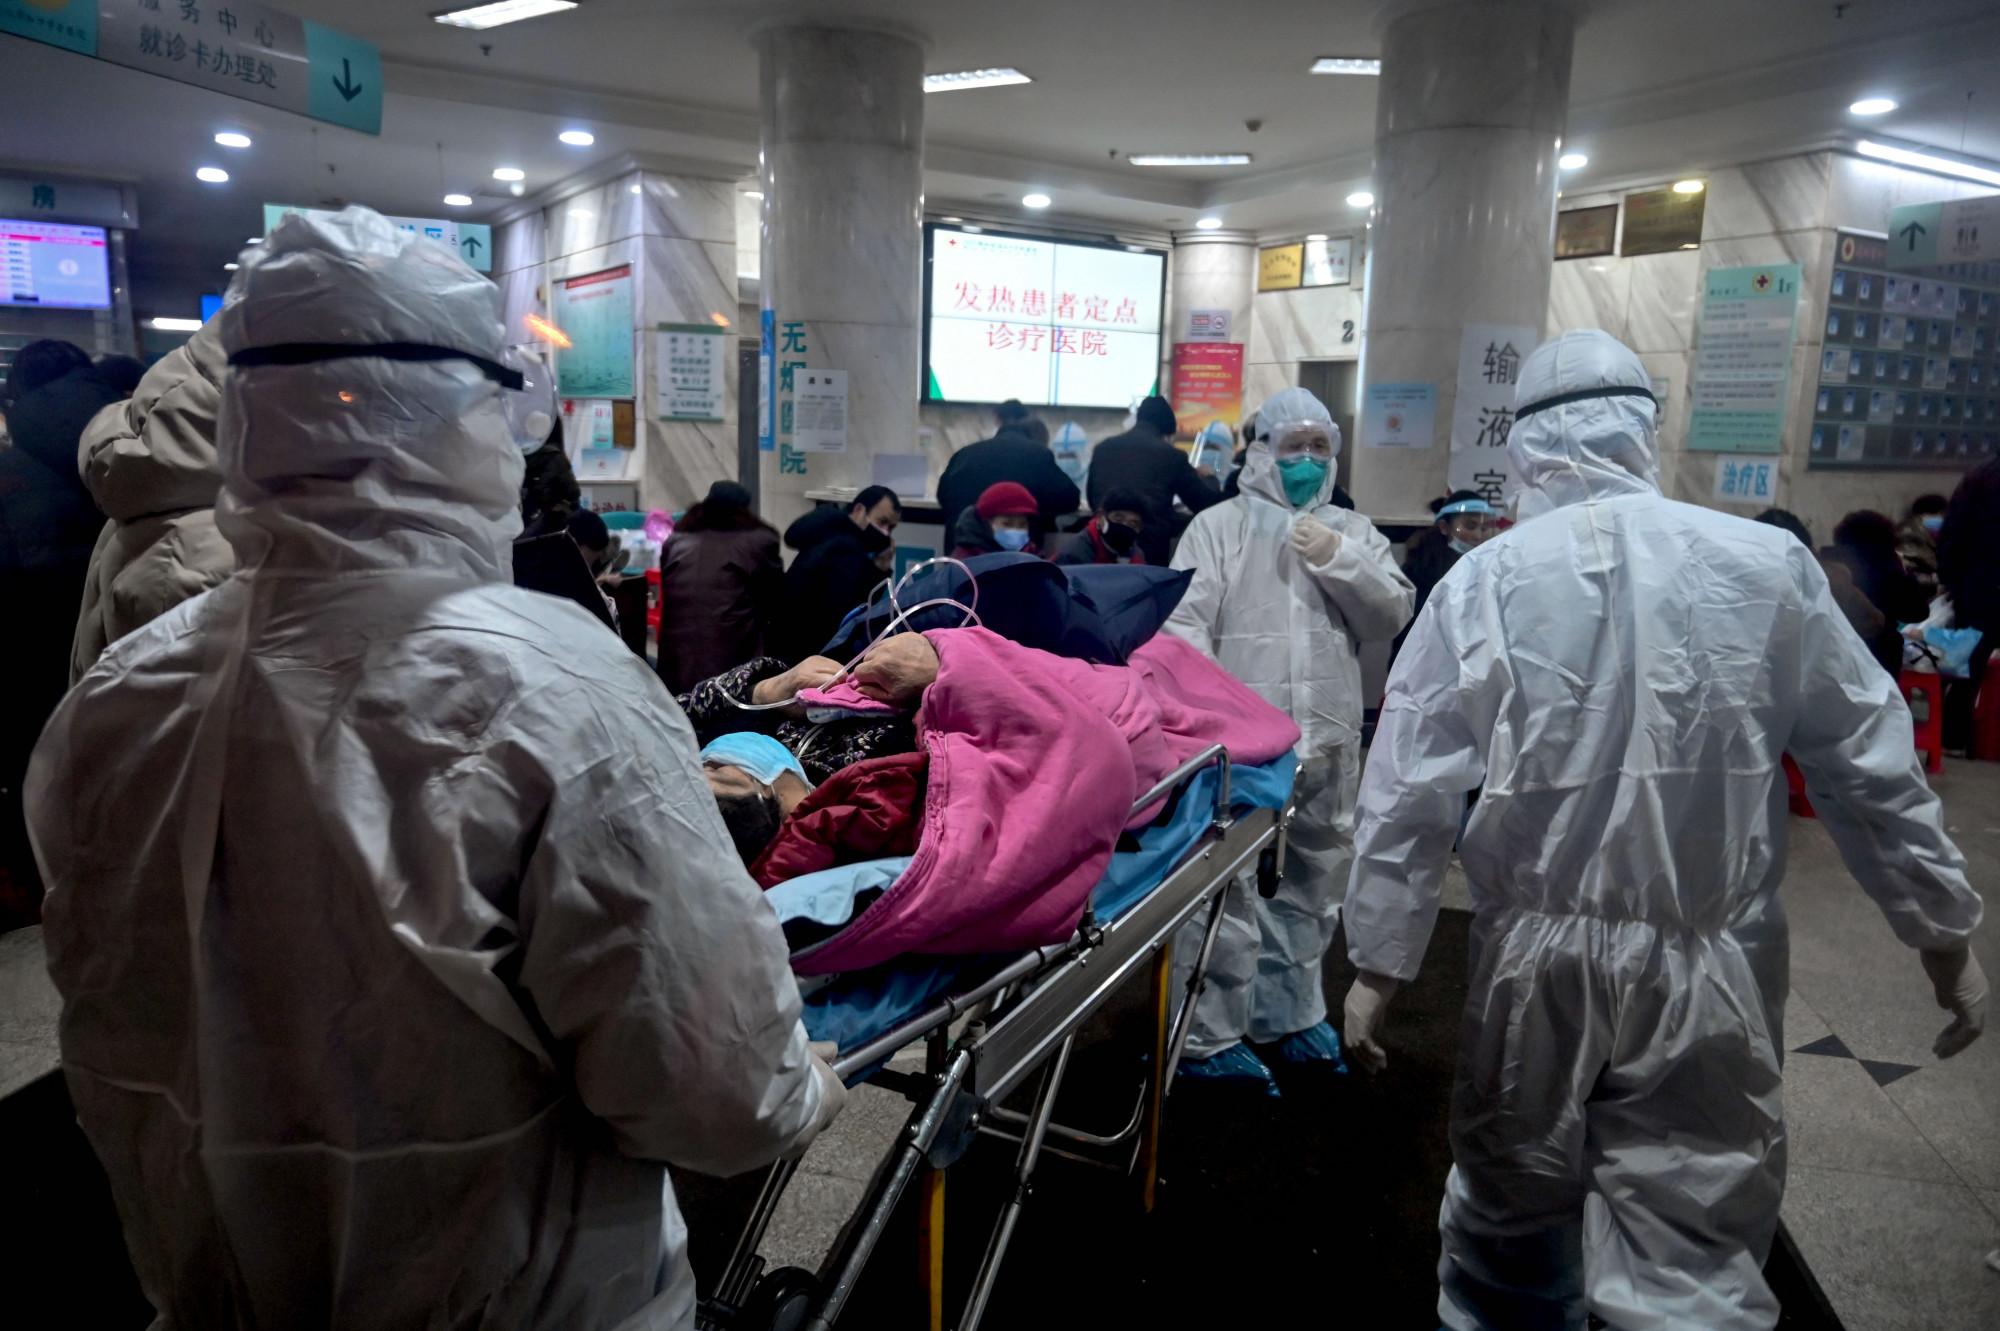 武汉一家医院正在处理肺炎患者。(图片来源:HECTOR RETAMAL/AFP via Getty Images)